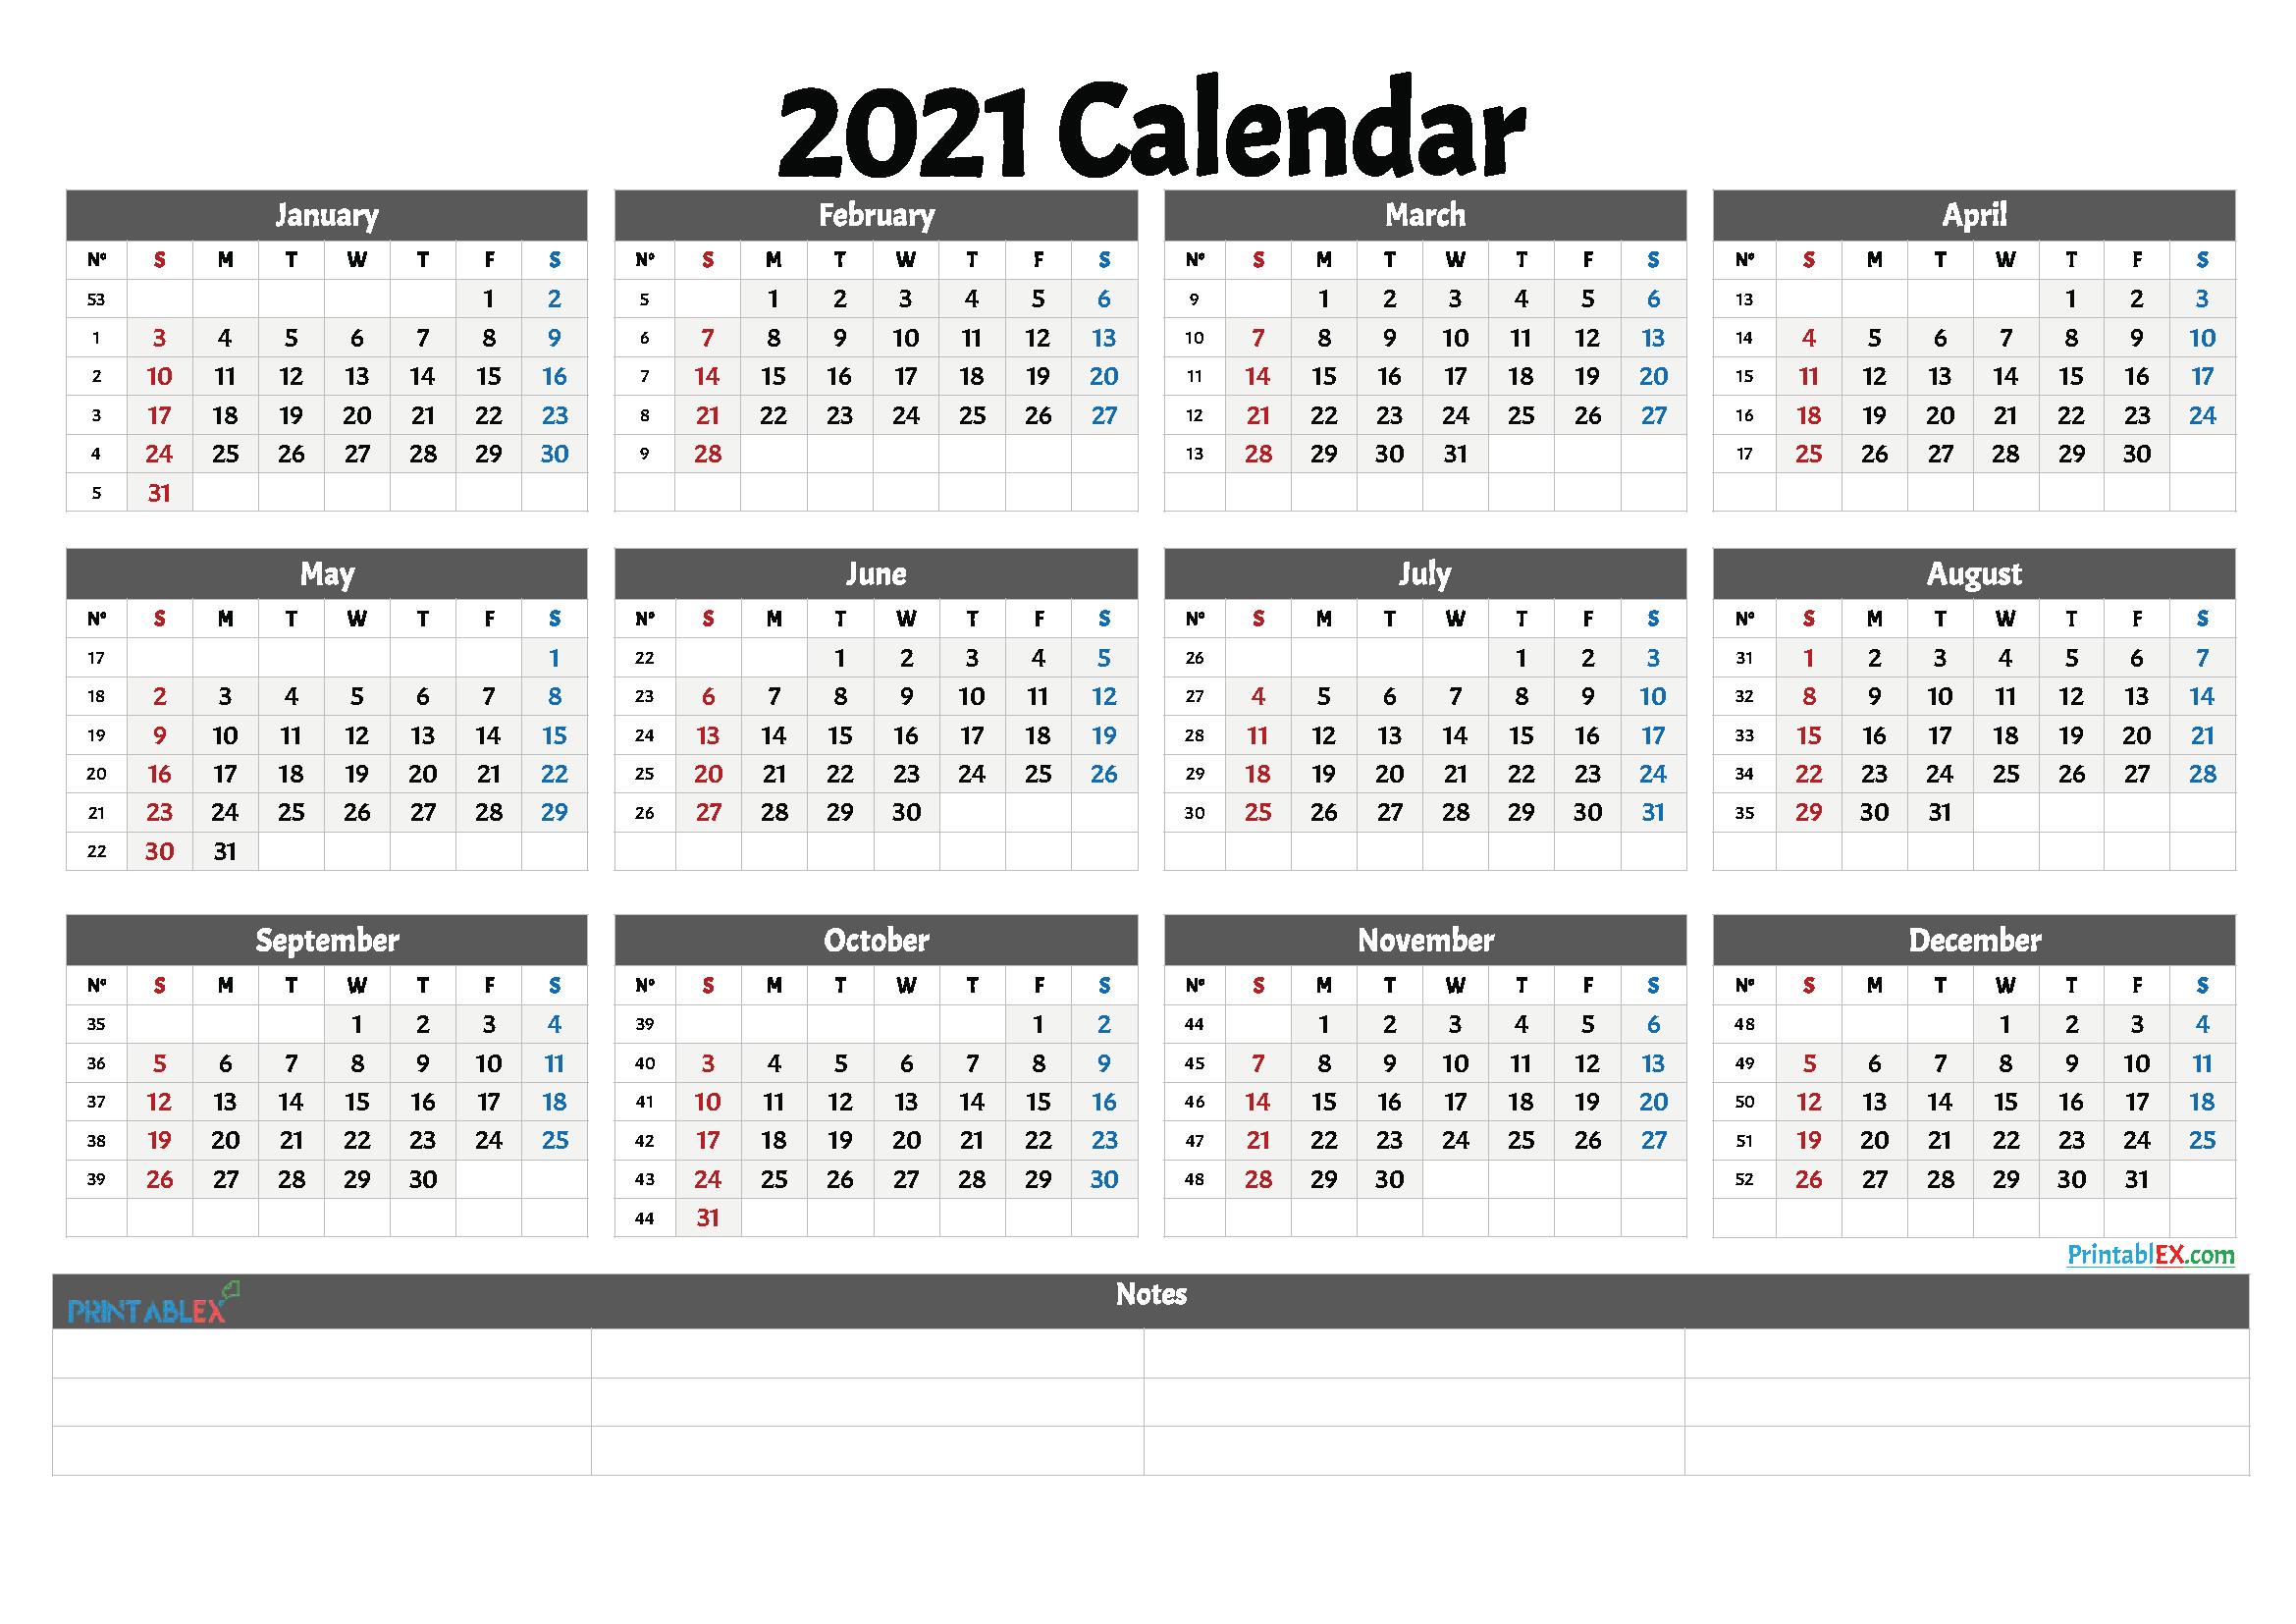 2021 Printable Calendar With Week Numbers | Free Printable Within 2021 Calendar With Federal Printabl